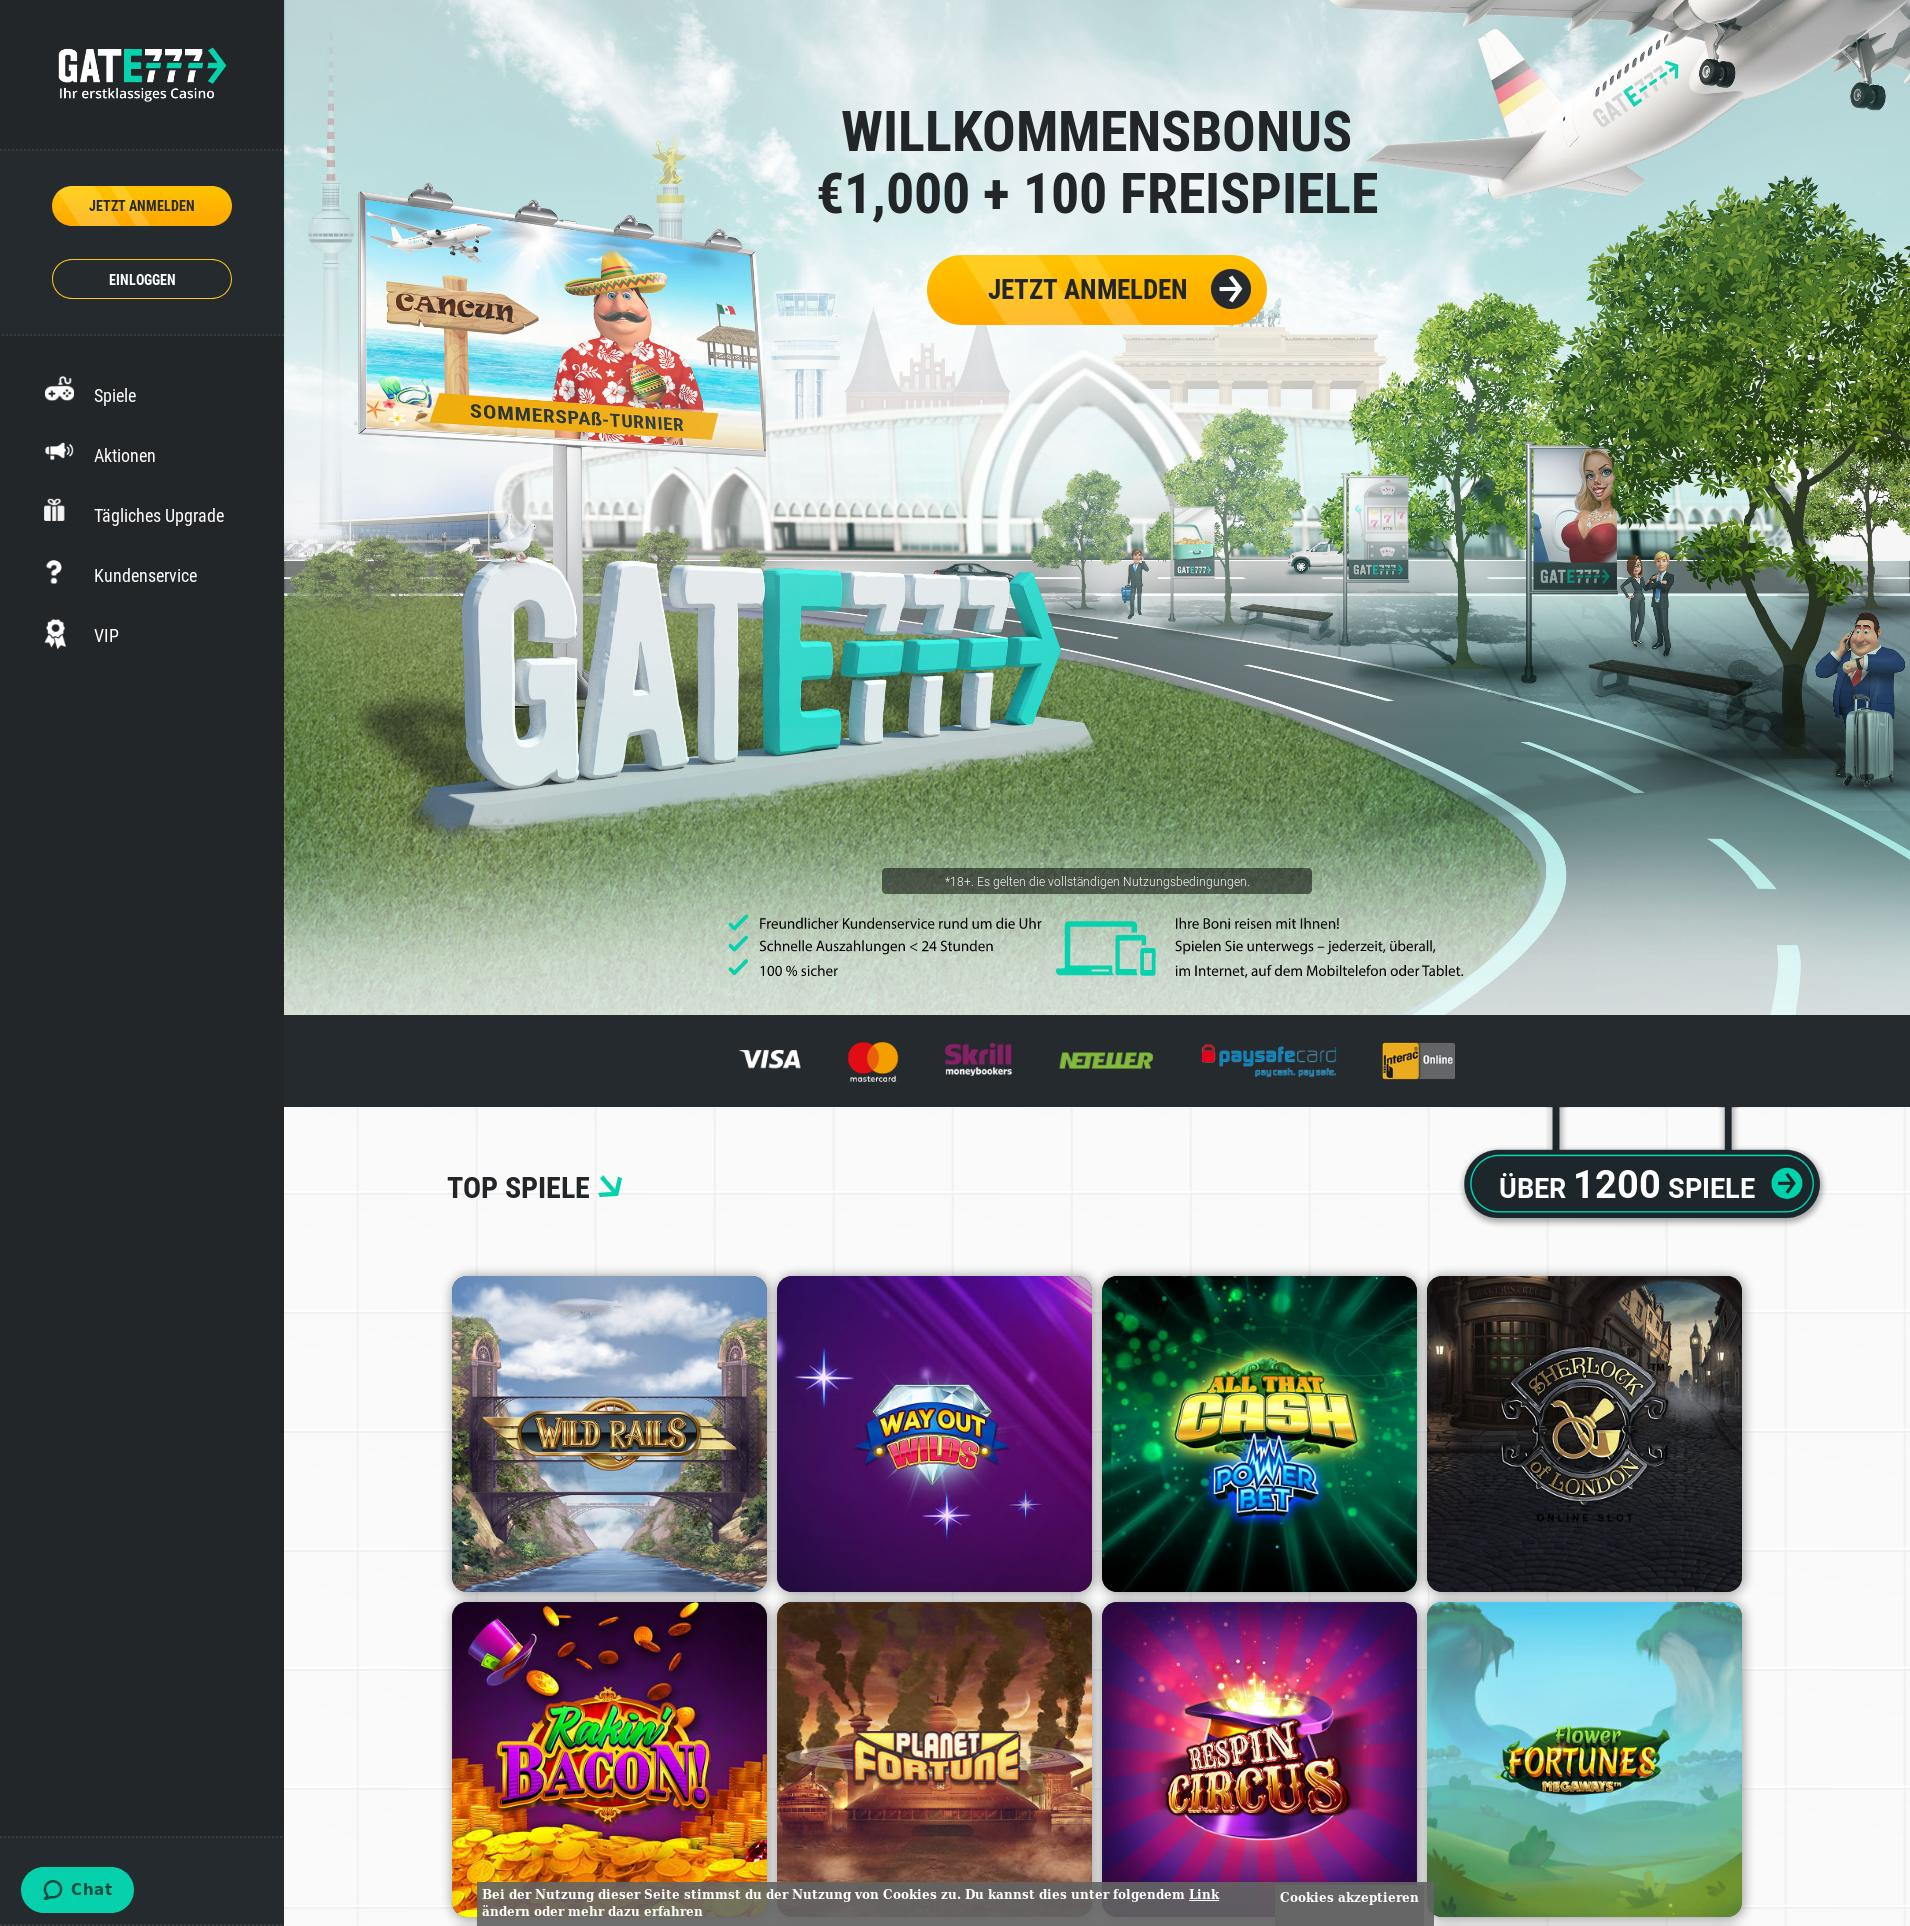 Casino Bildschirm Lobby 2019-07-15 zum Deutschland